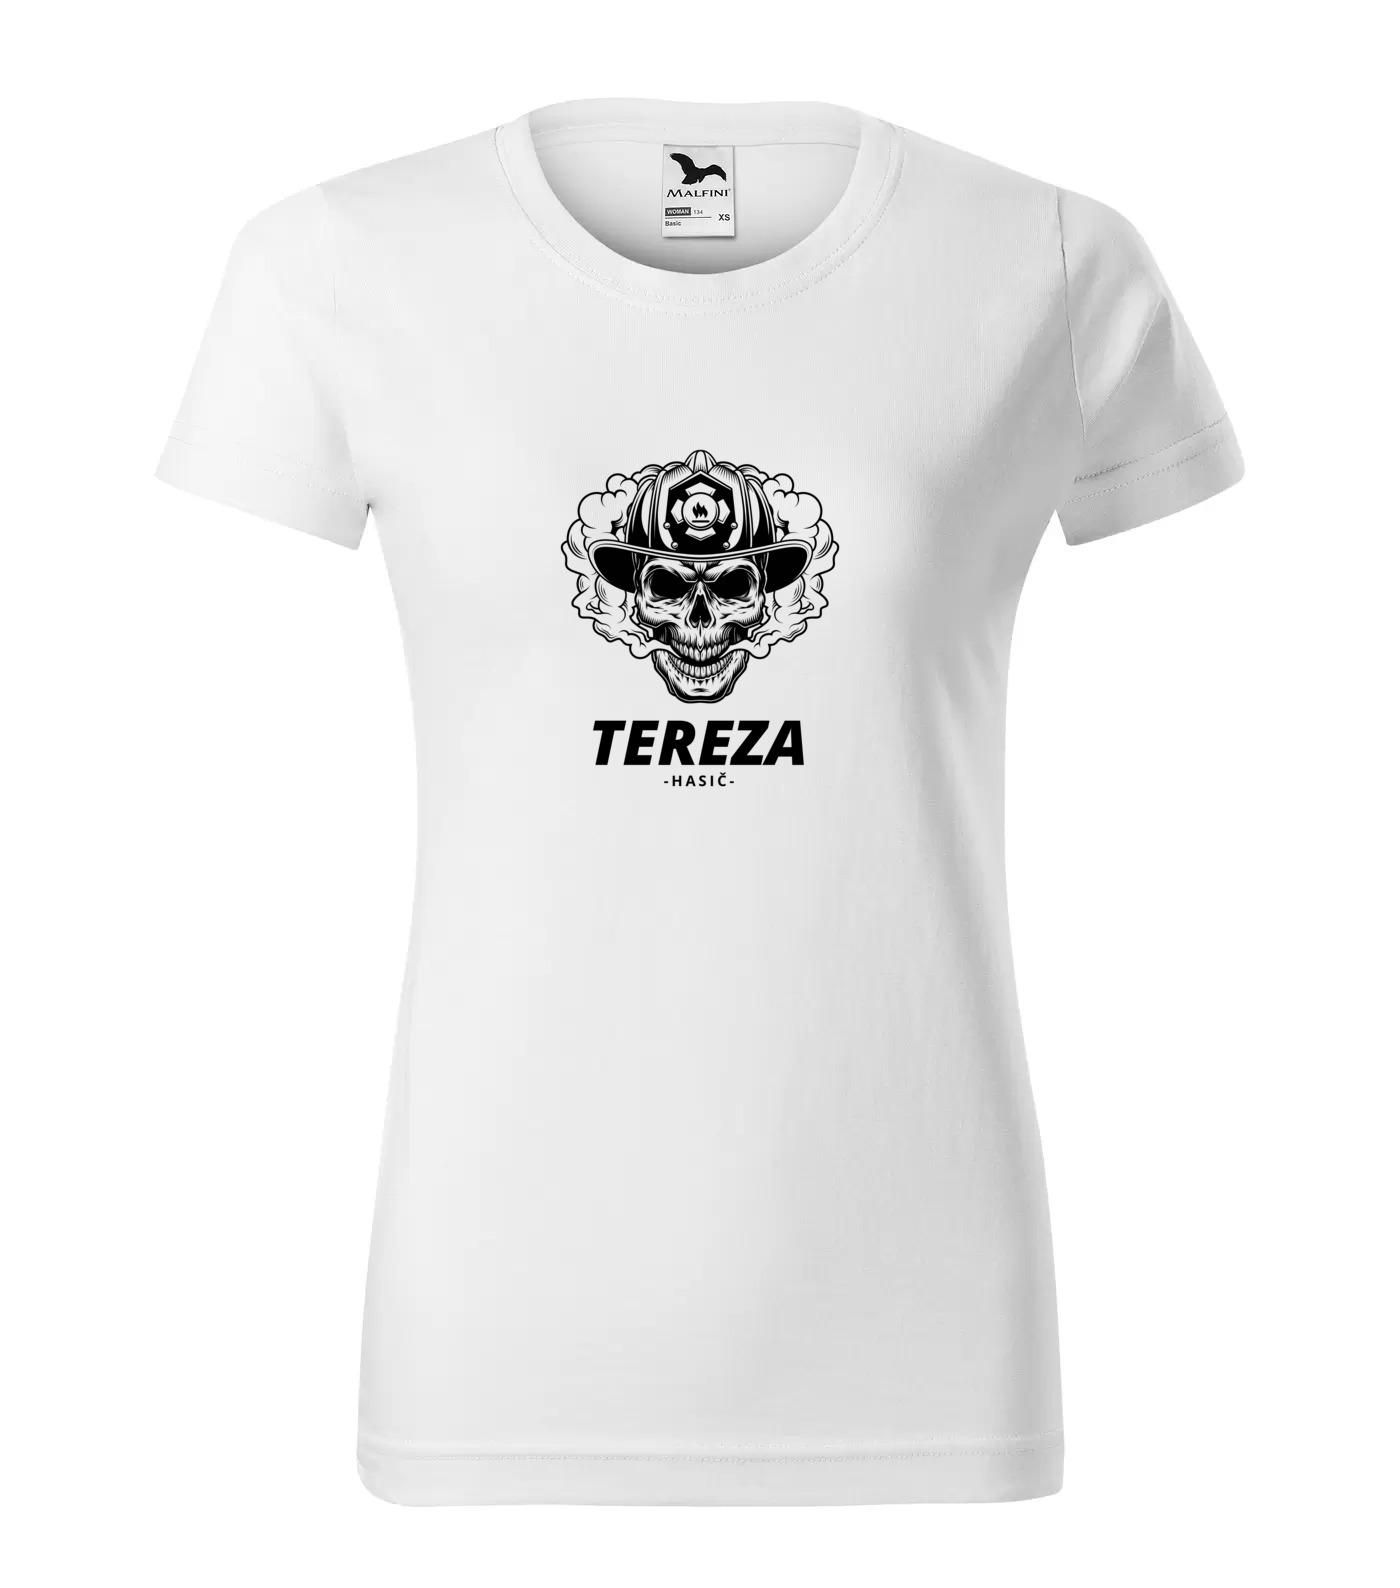 Tričko Hasič Tereza